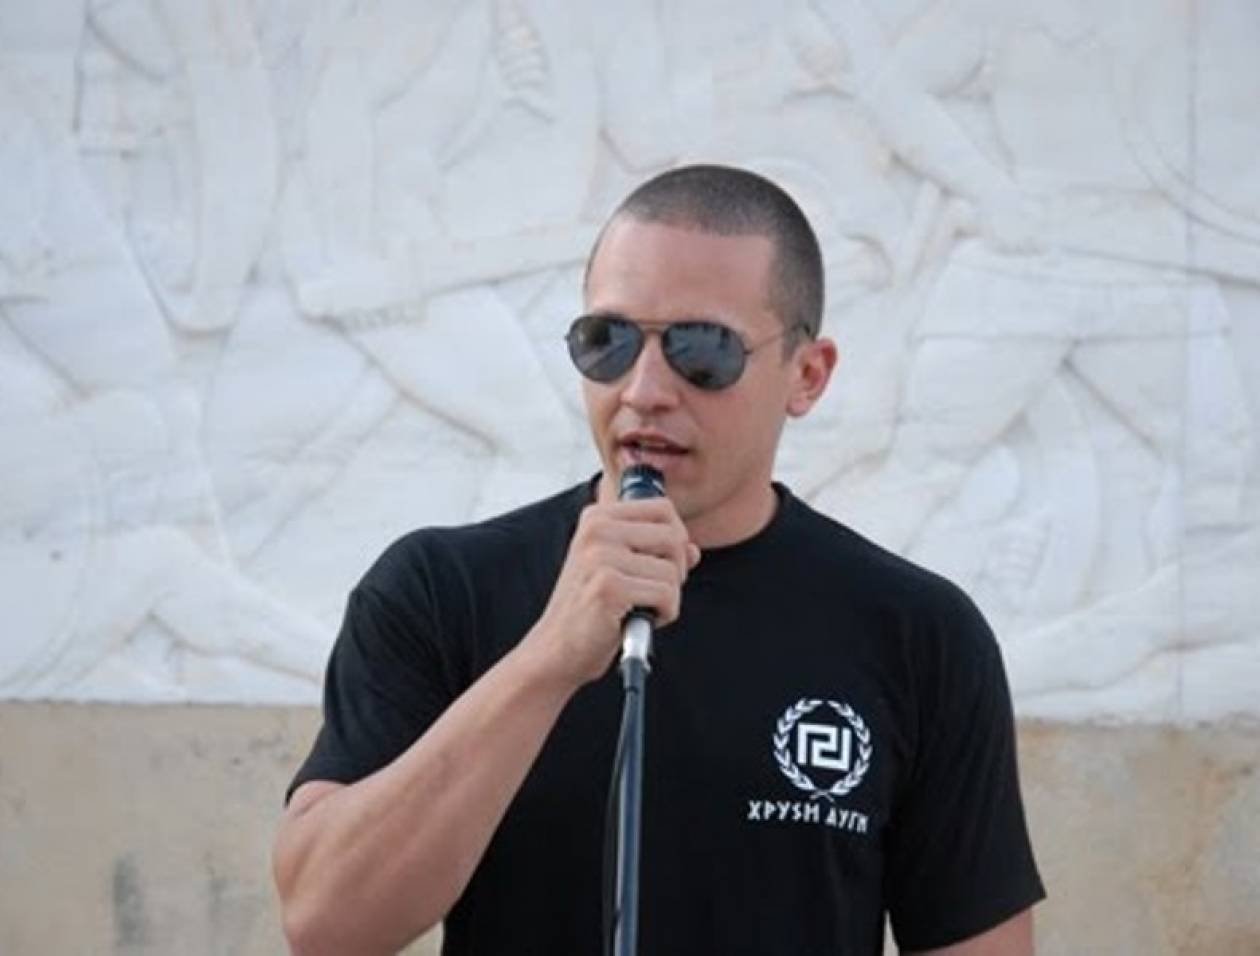 Η. Κασιδιάρης: Οι δημοσιογράφοι πρέπει να πέφτουν για κάμψεις!